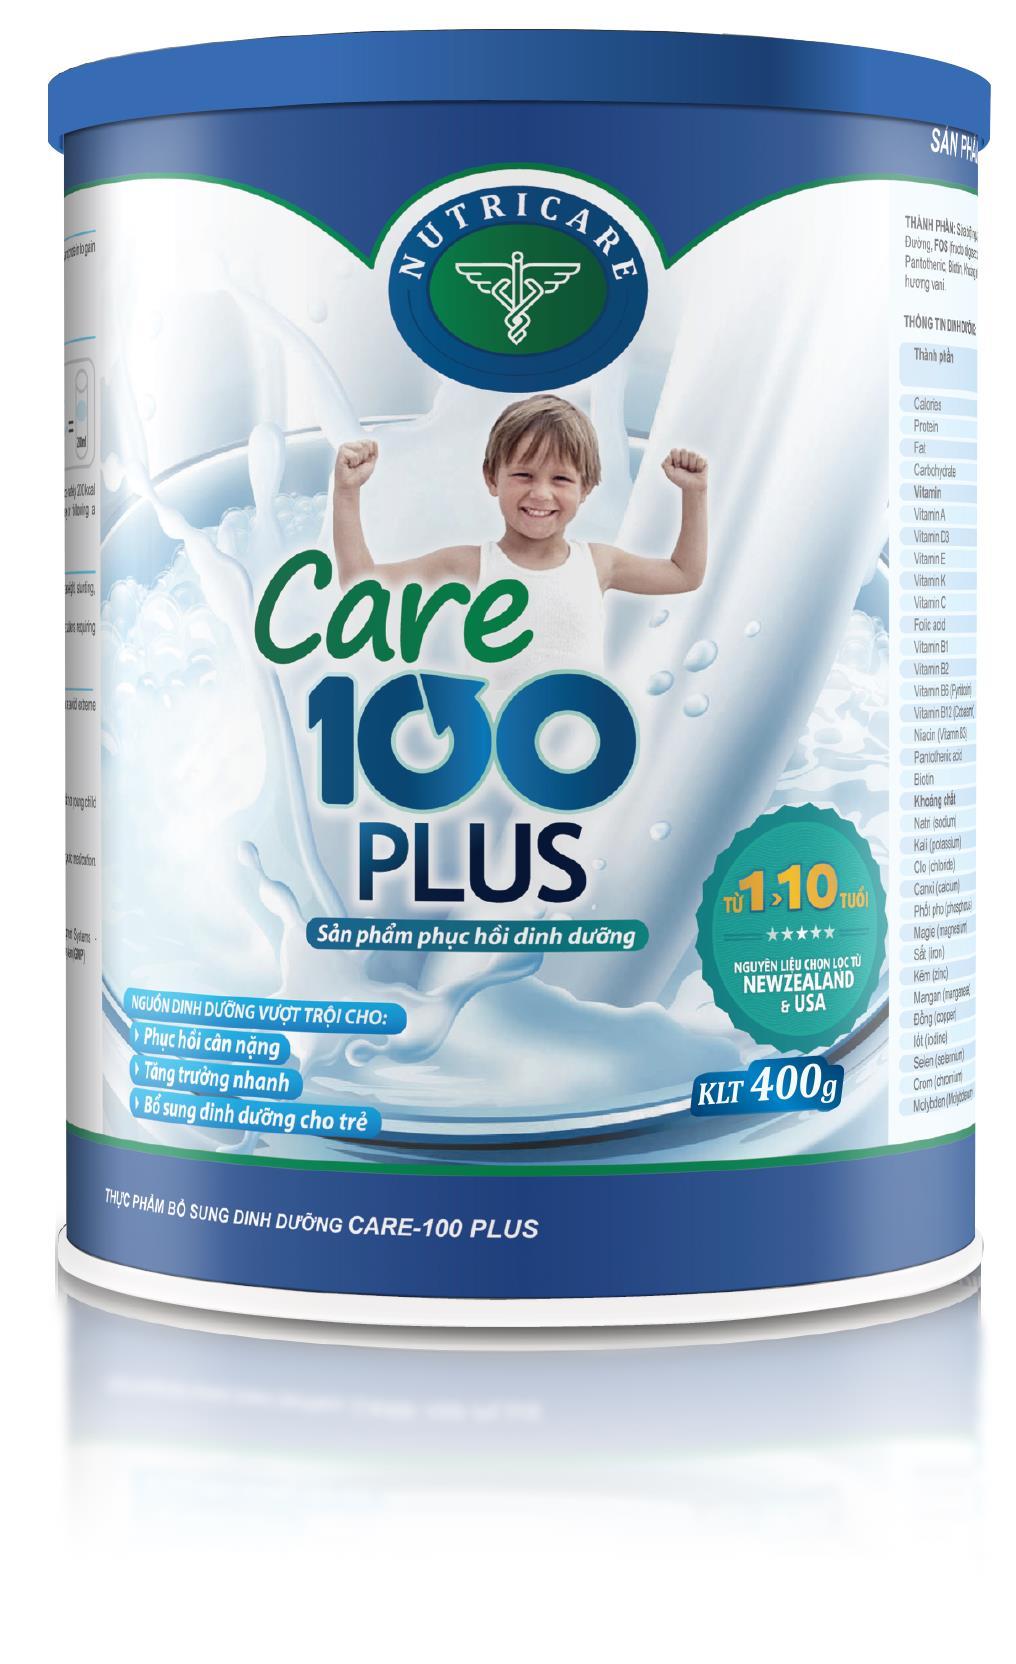 CARE 100 PLUS